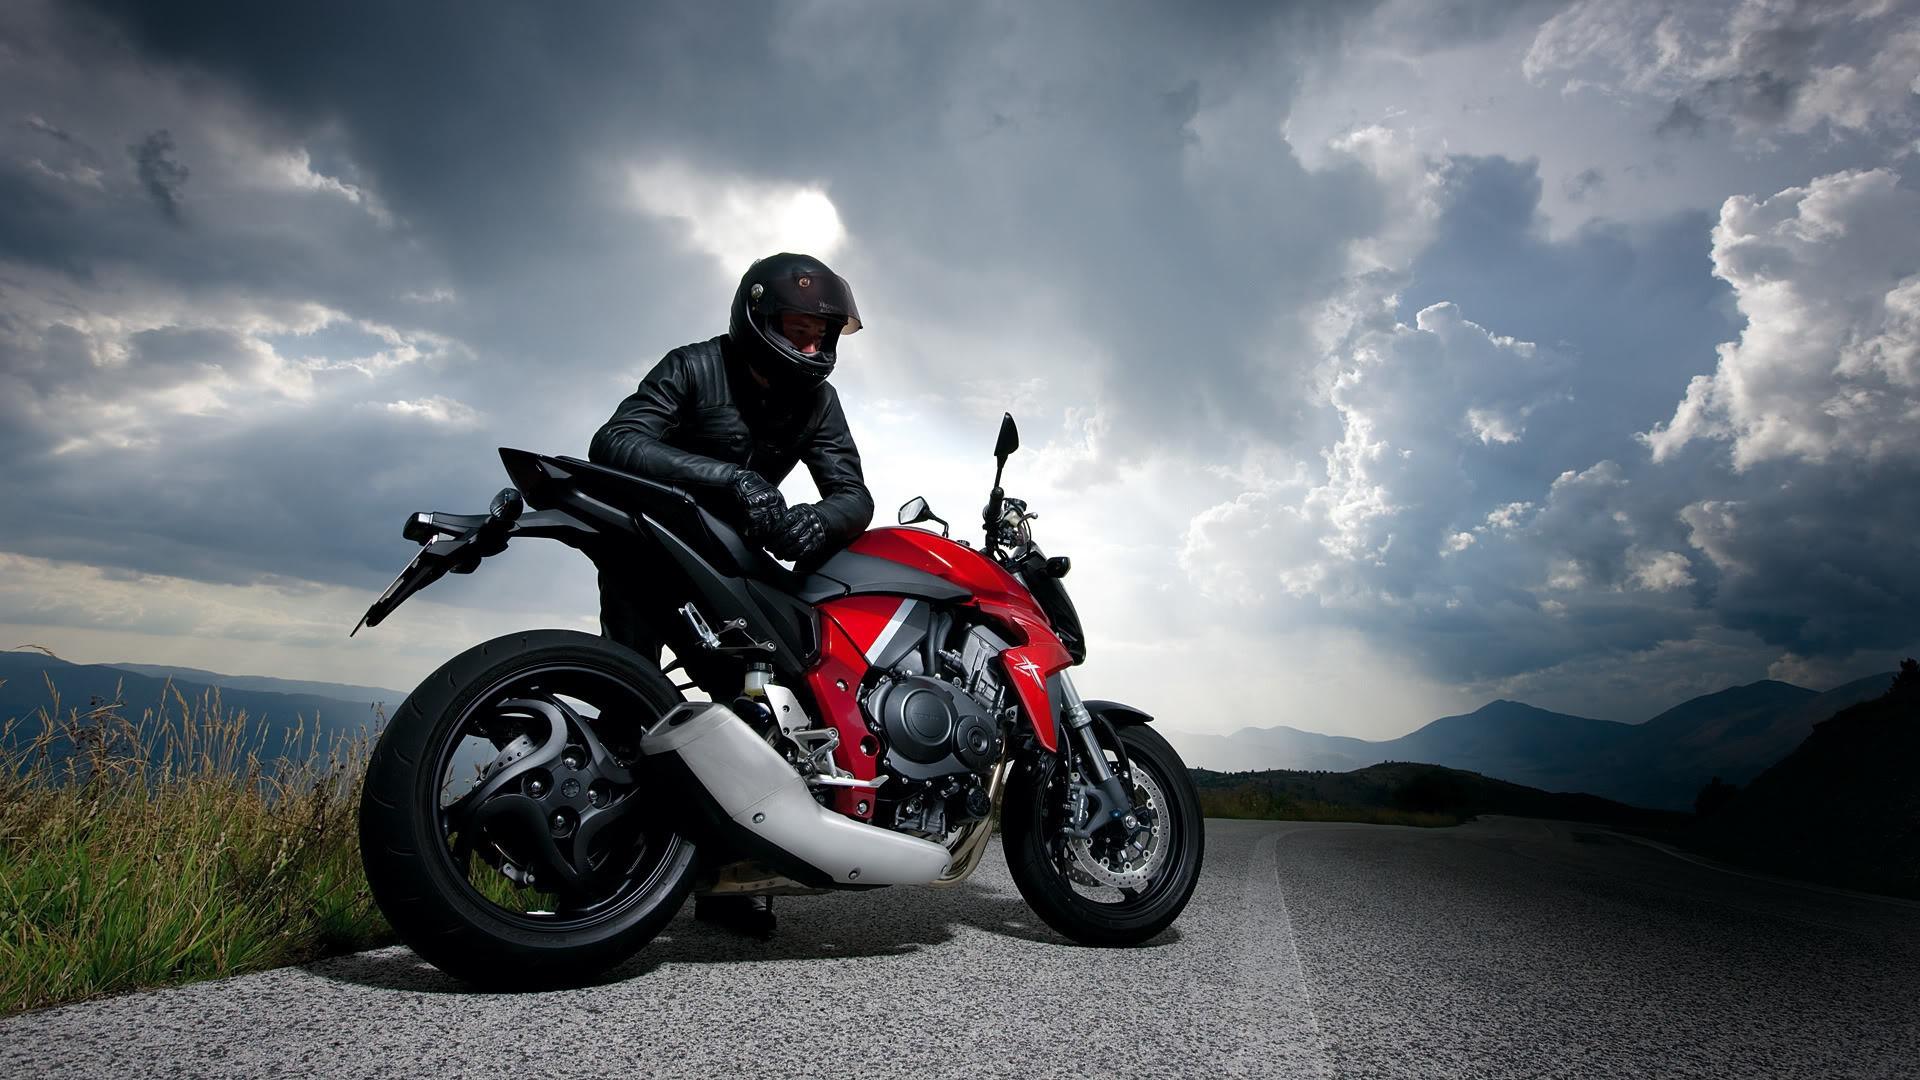 miglior casco integrale per moto